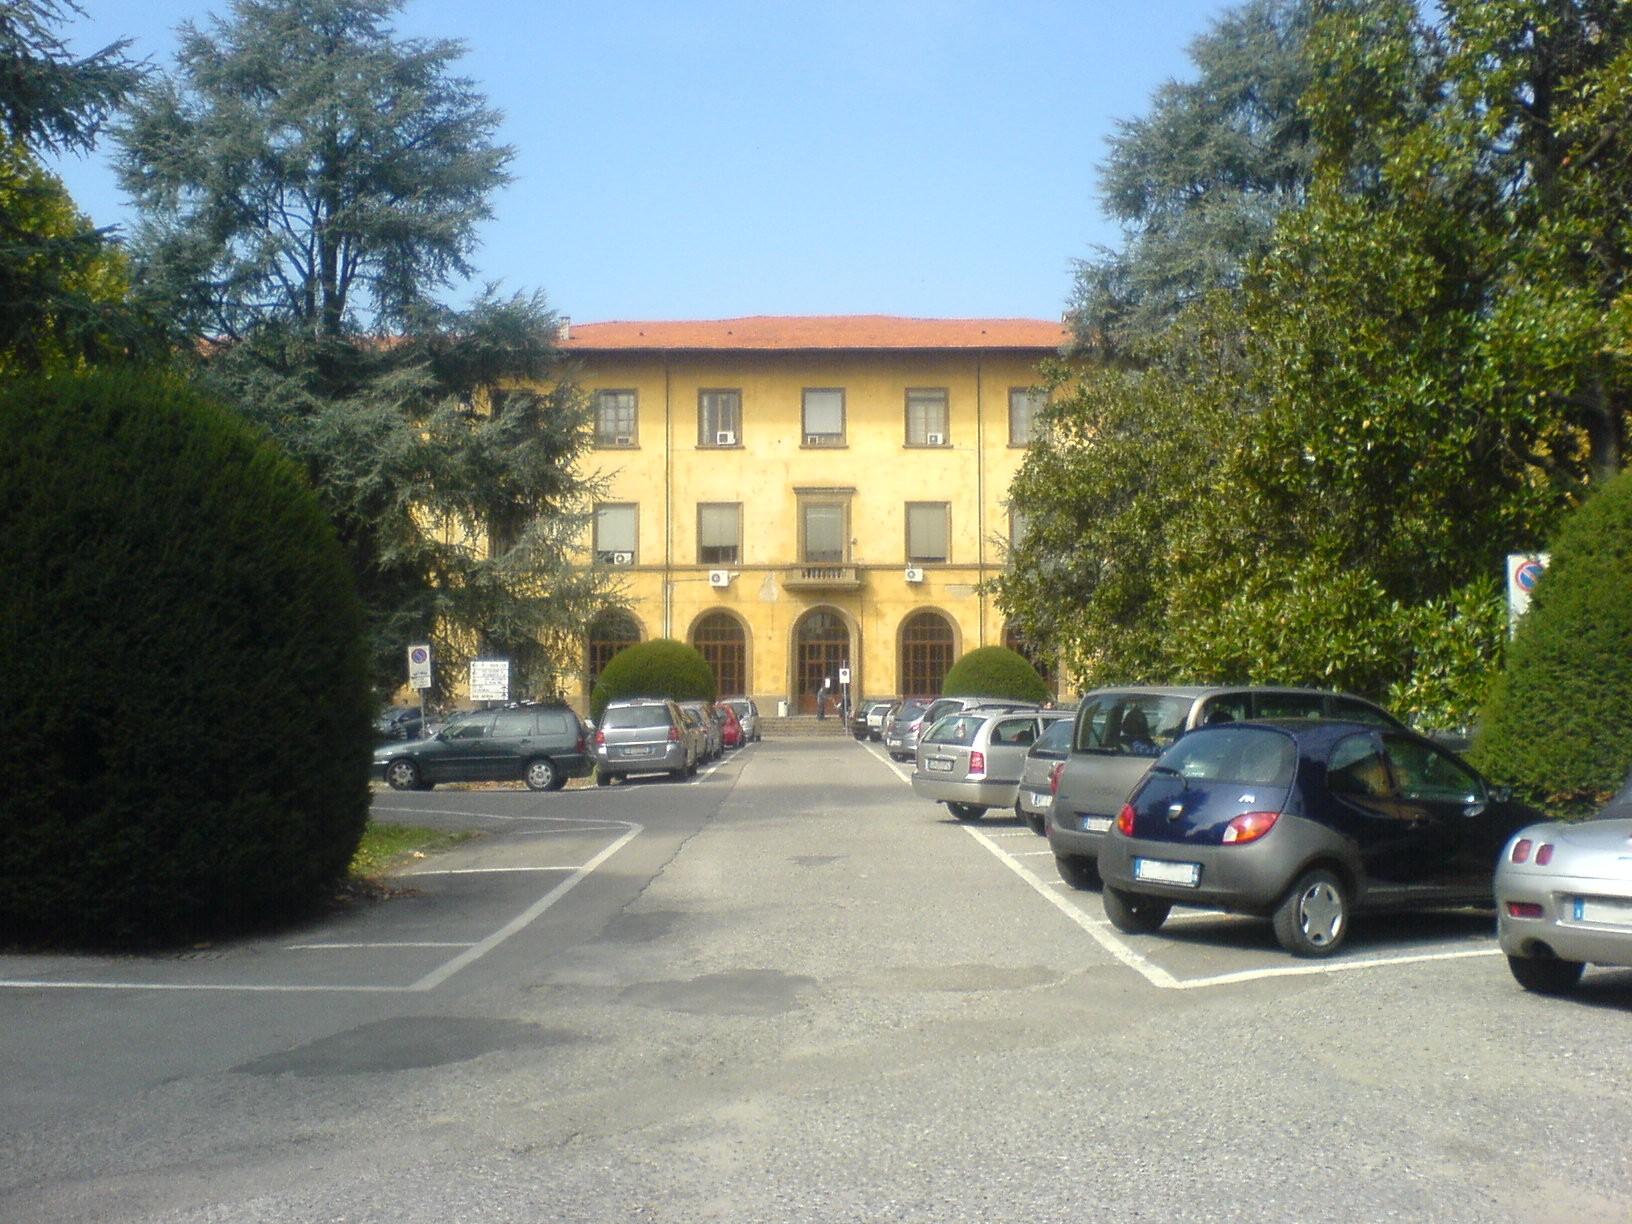 Villa cristina wikiwand for 11 marine terrace santa monica